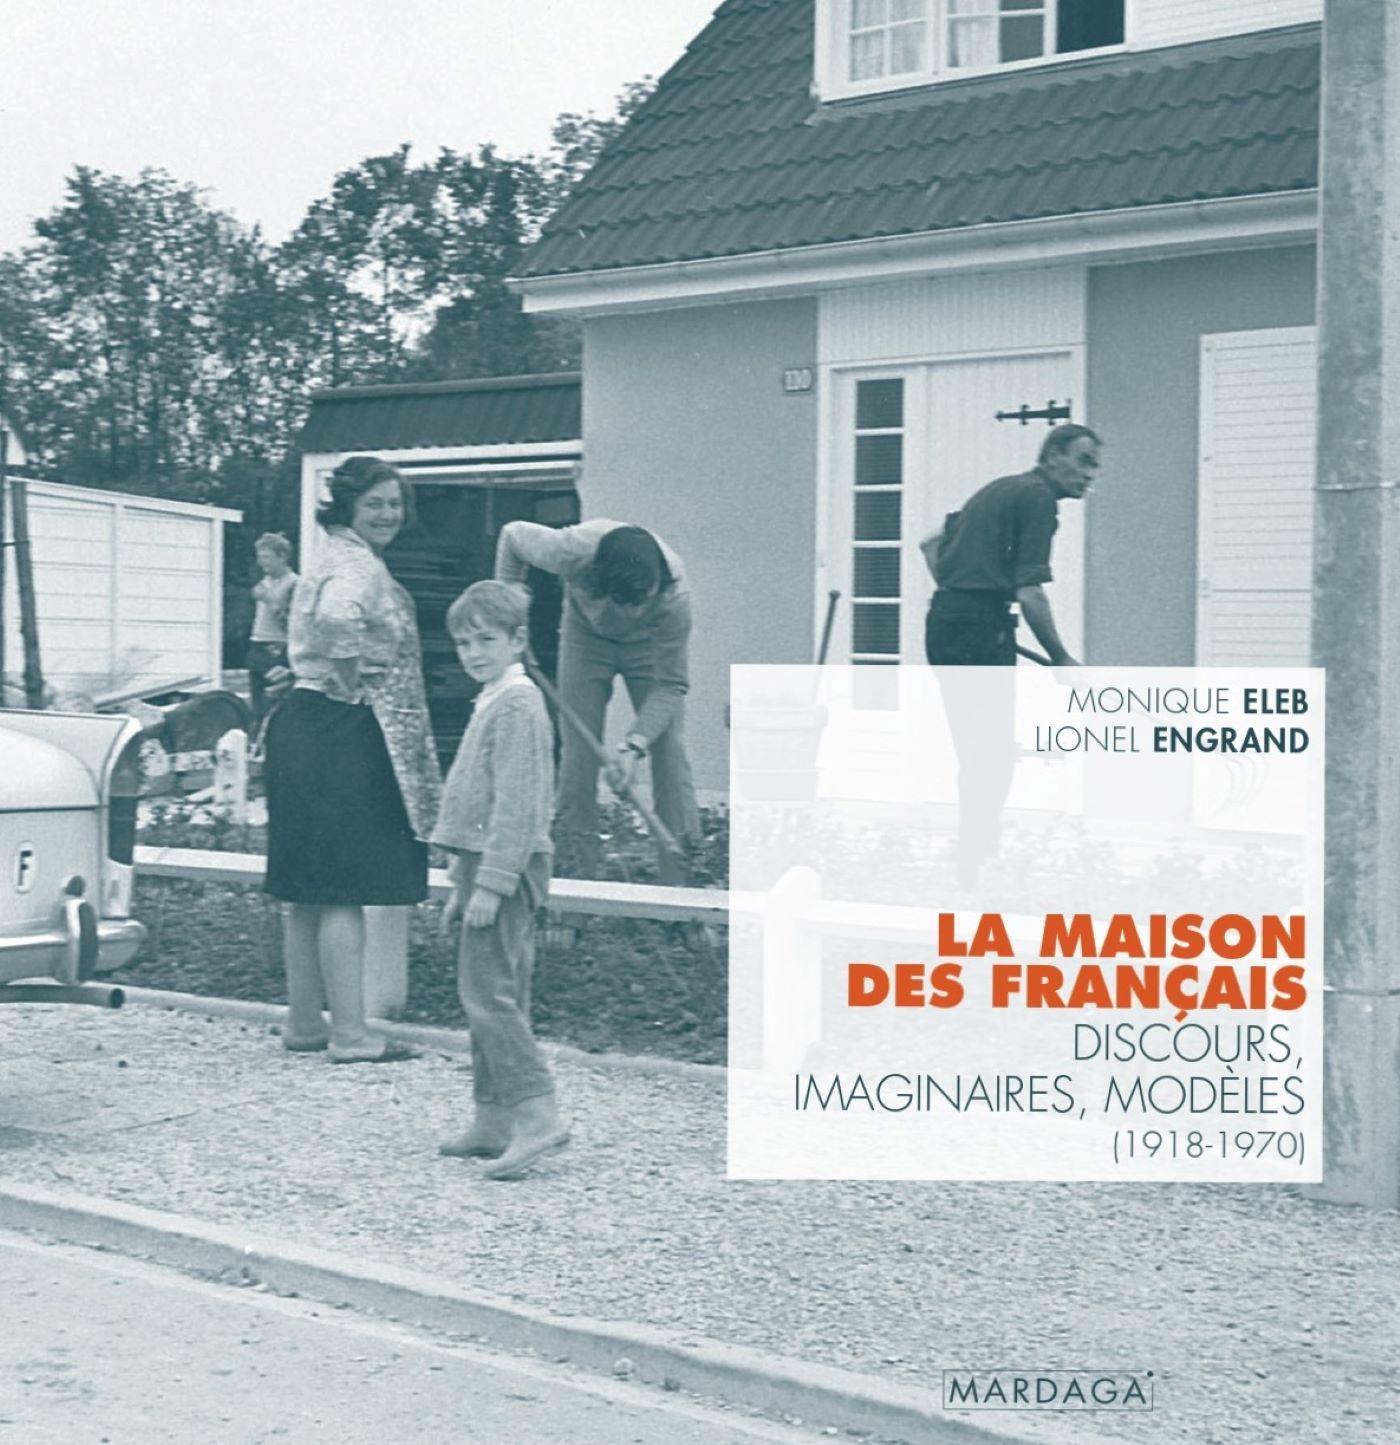 LA MAISON DES FRANCAIS - DISCOURS, IMAGINAIRES, MODELES (1918-1970)